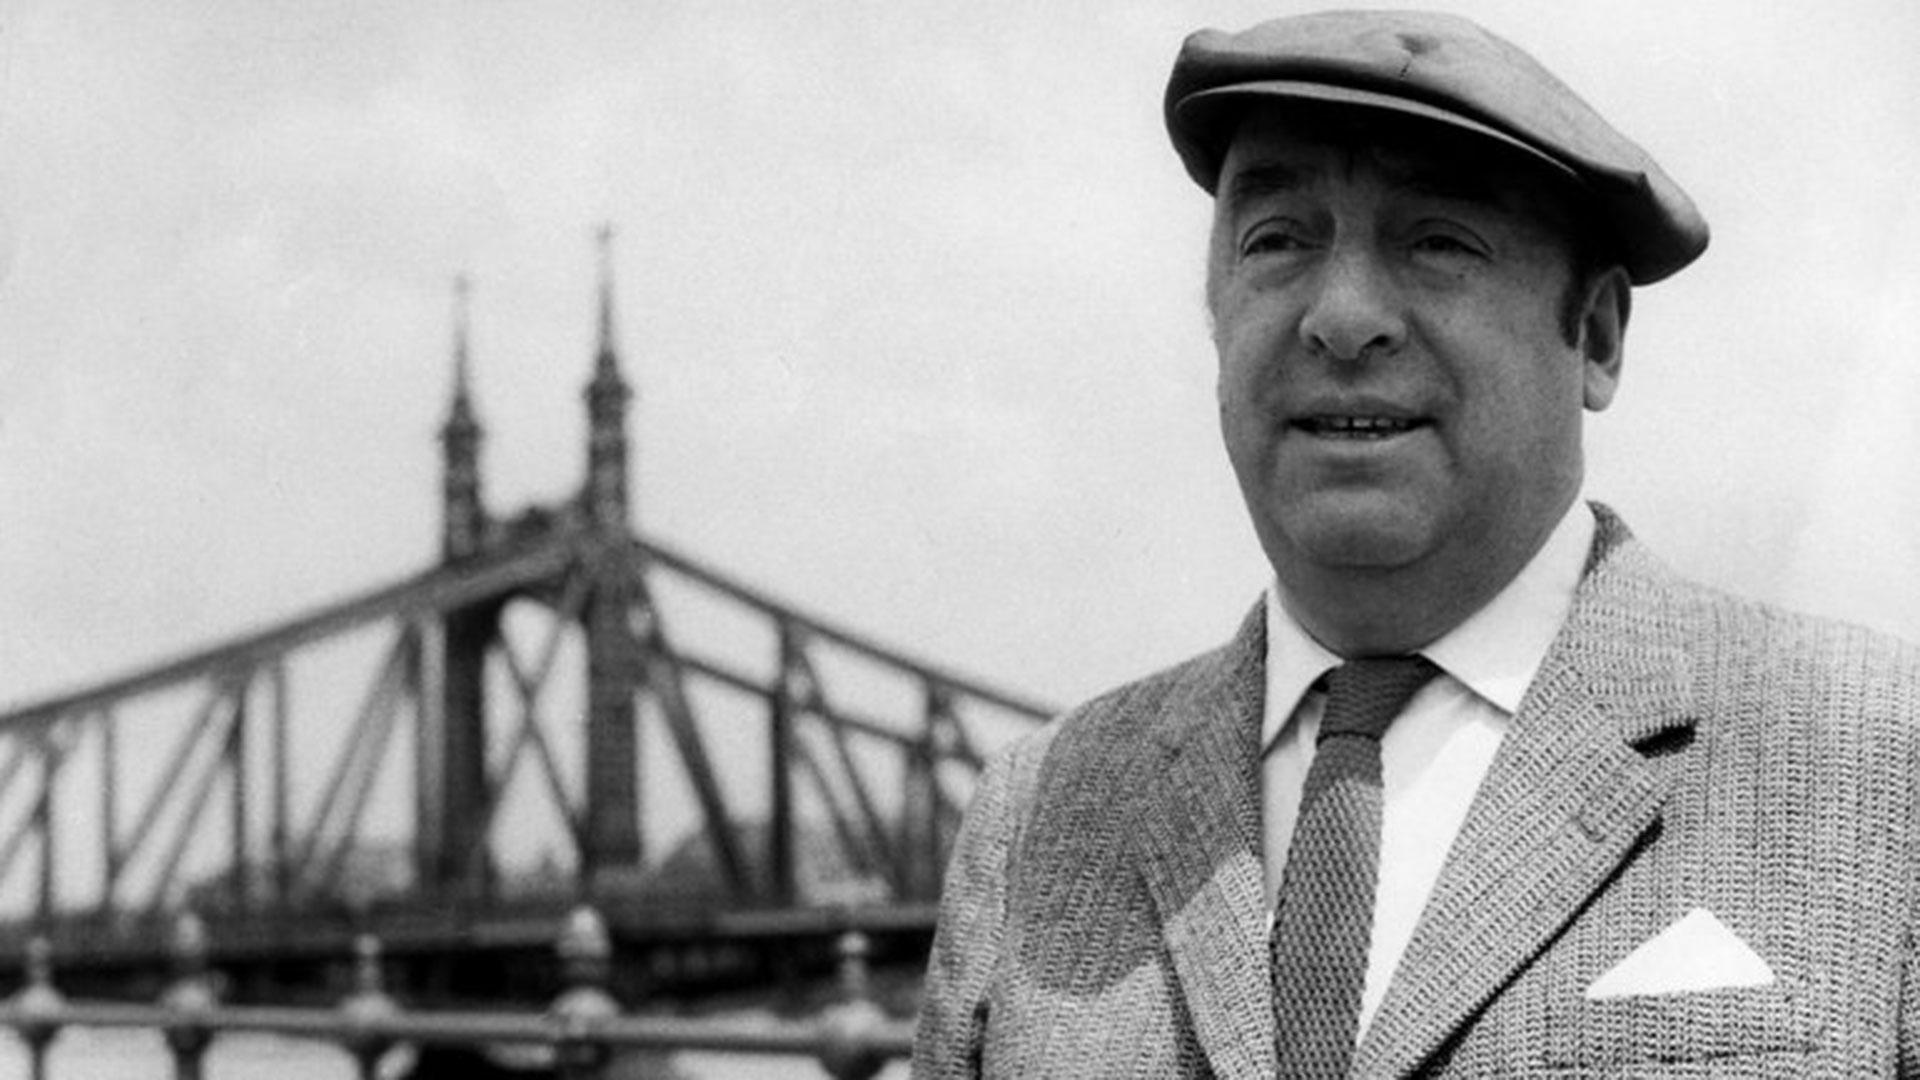 Versos De Película Pablo Neruda En La Pantalla Grande Infobae